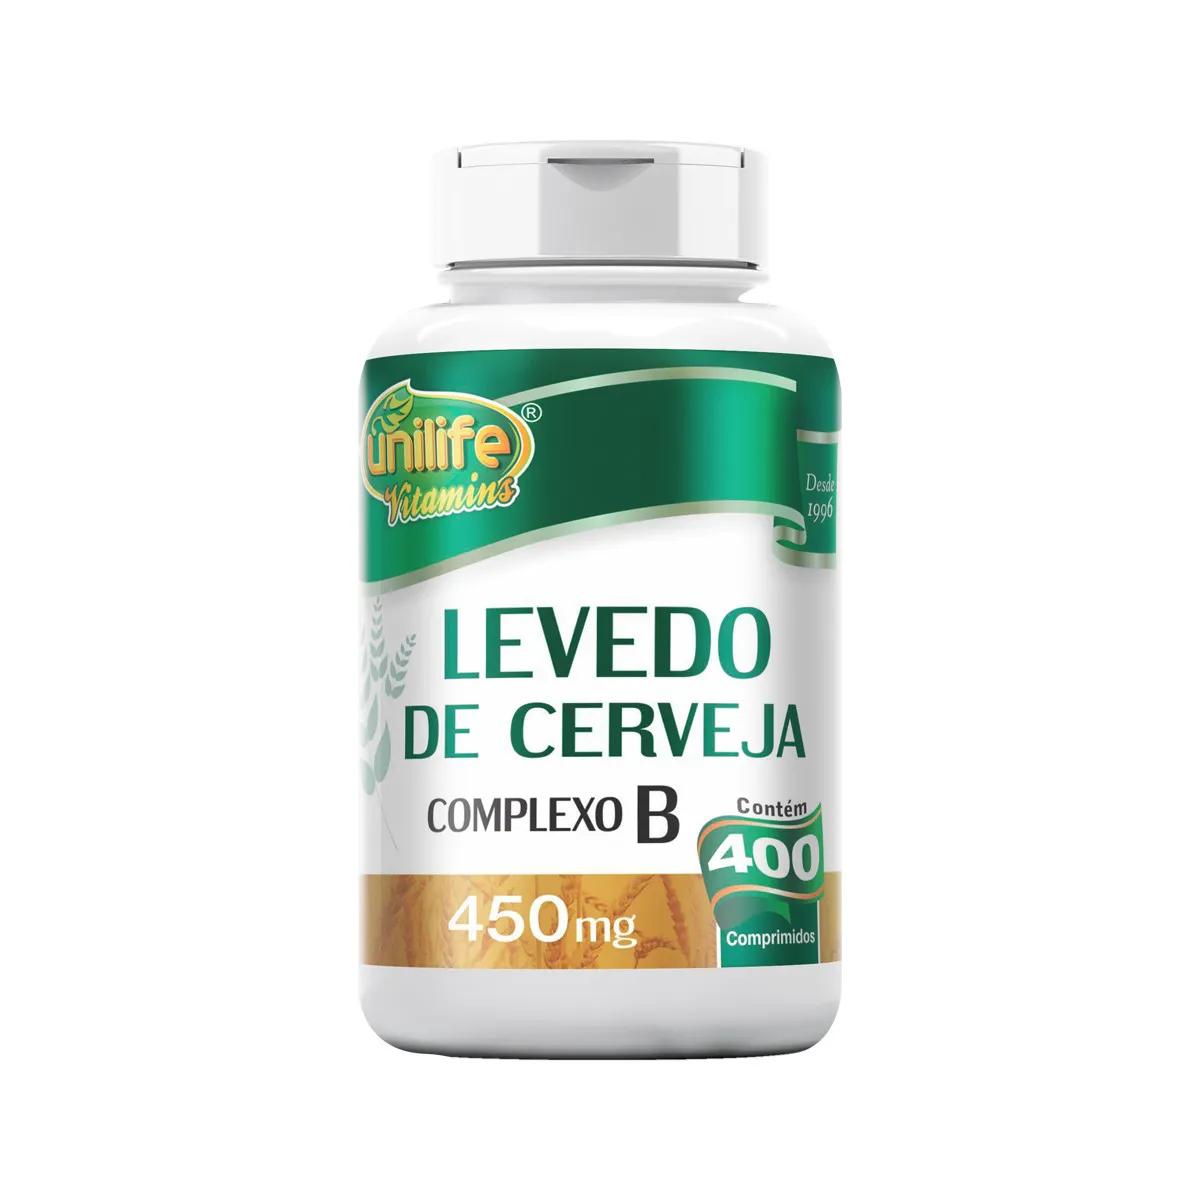 Levedo de cerveja 450mg 400 Comprimidos  - Unilife